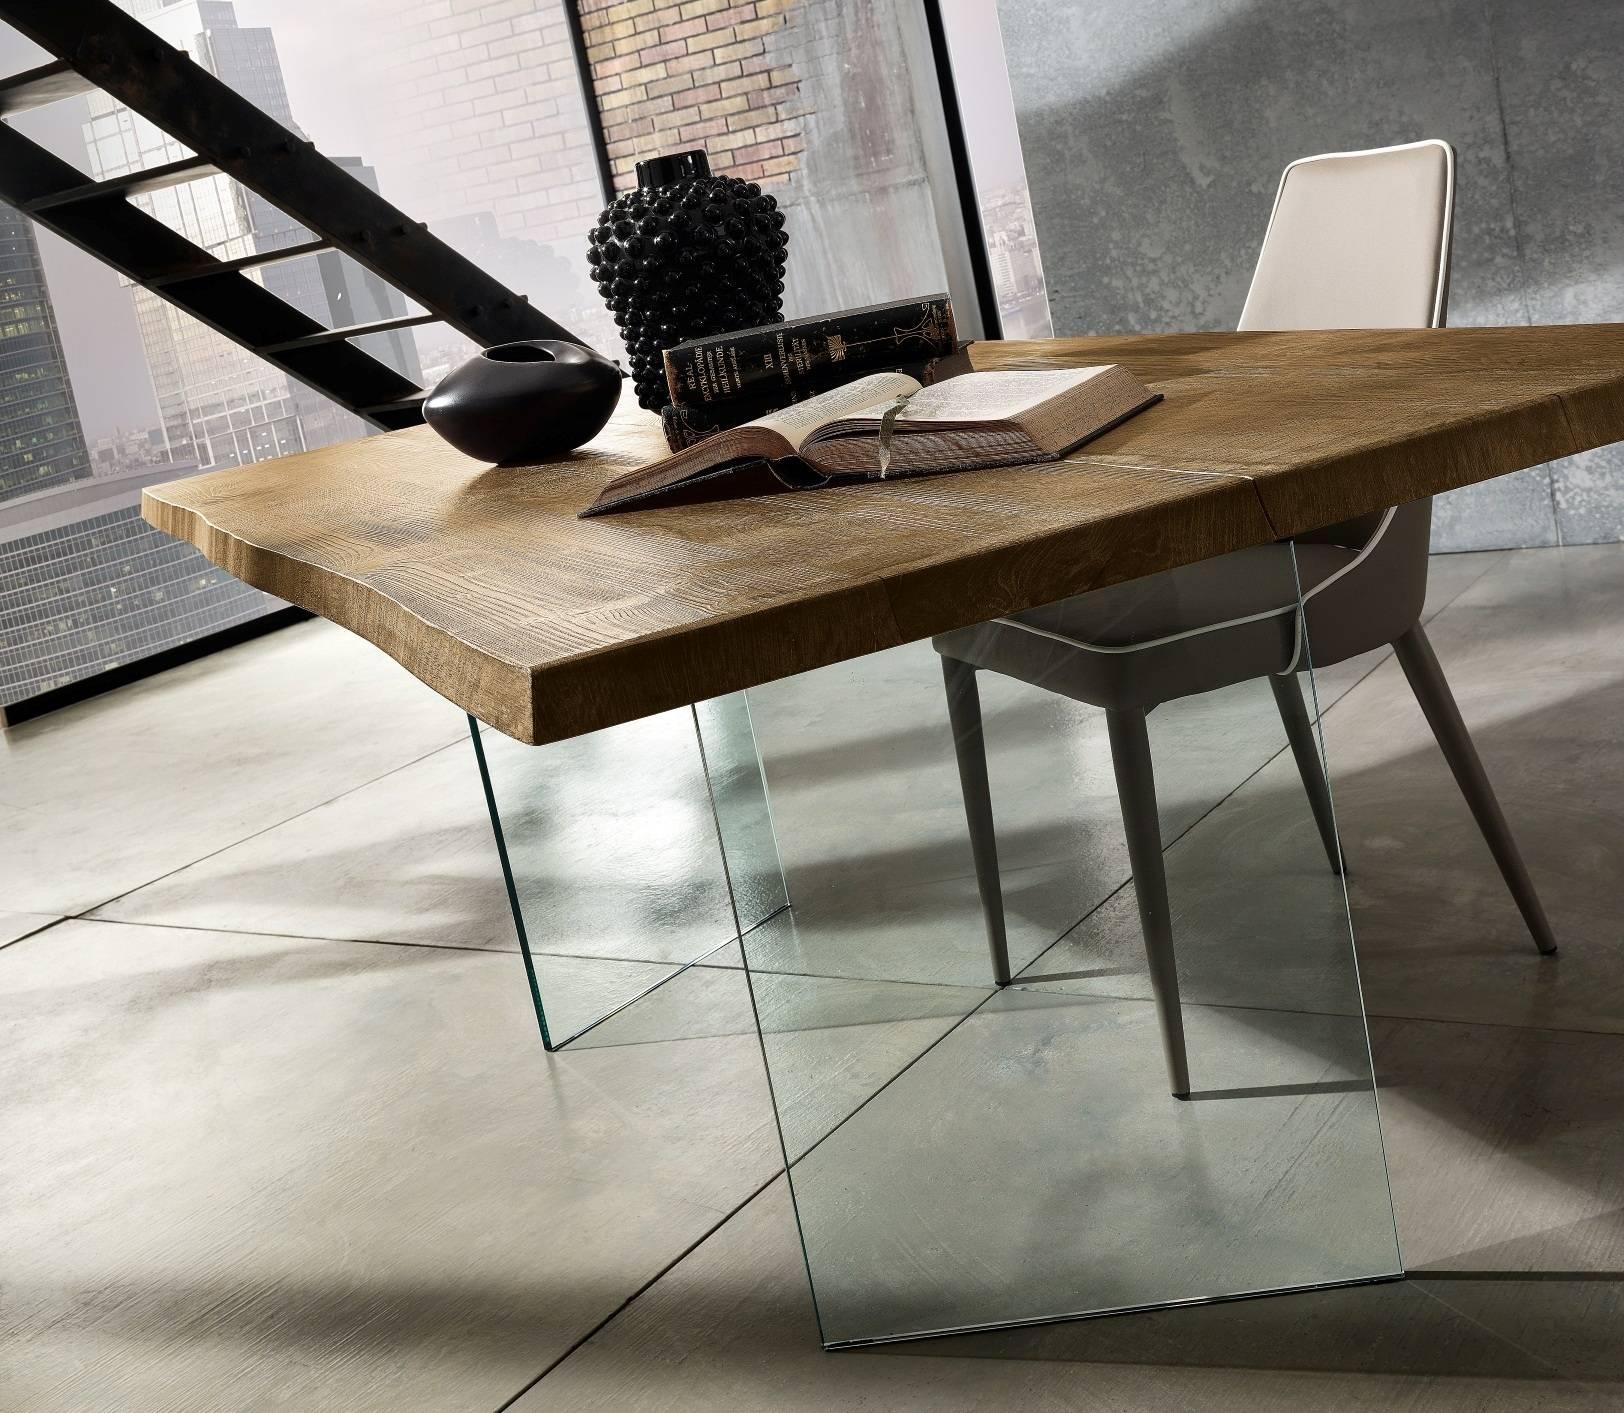 tavolo_in_legno_maxhome_modello_terrah_con_basamento_in_vetro_vista_laterale_rit